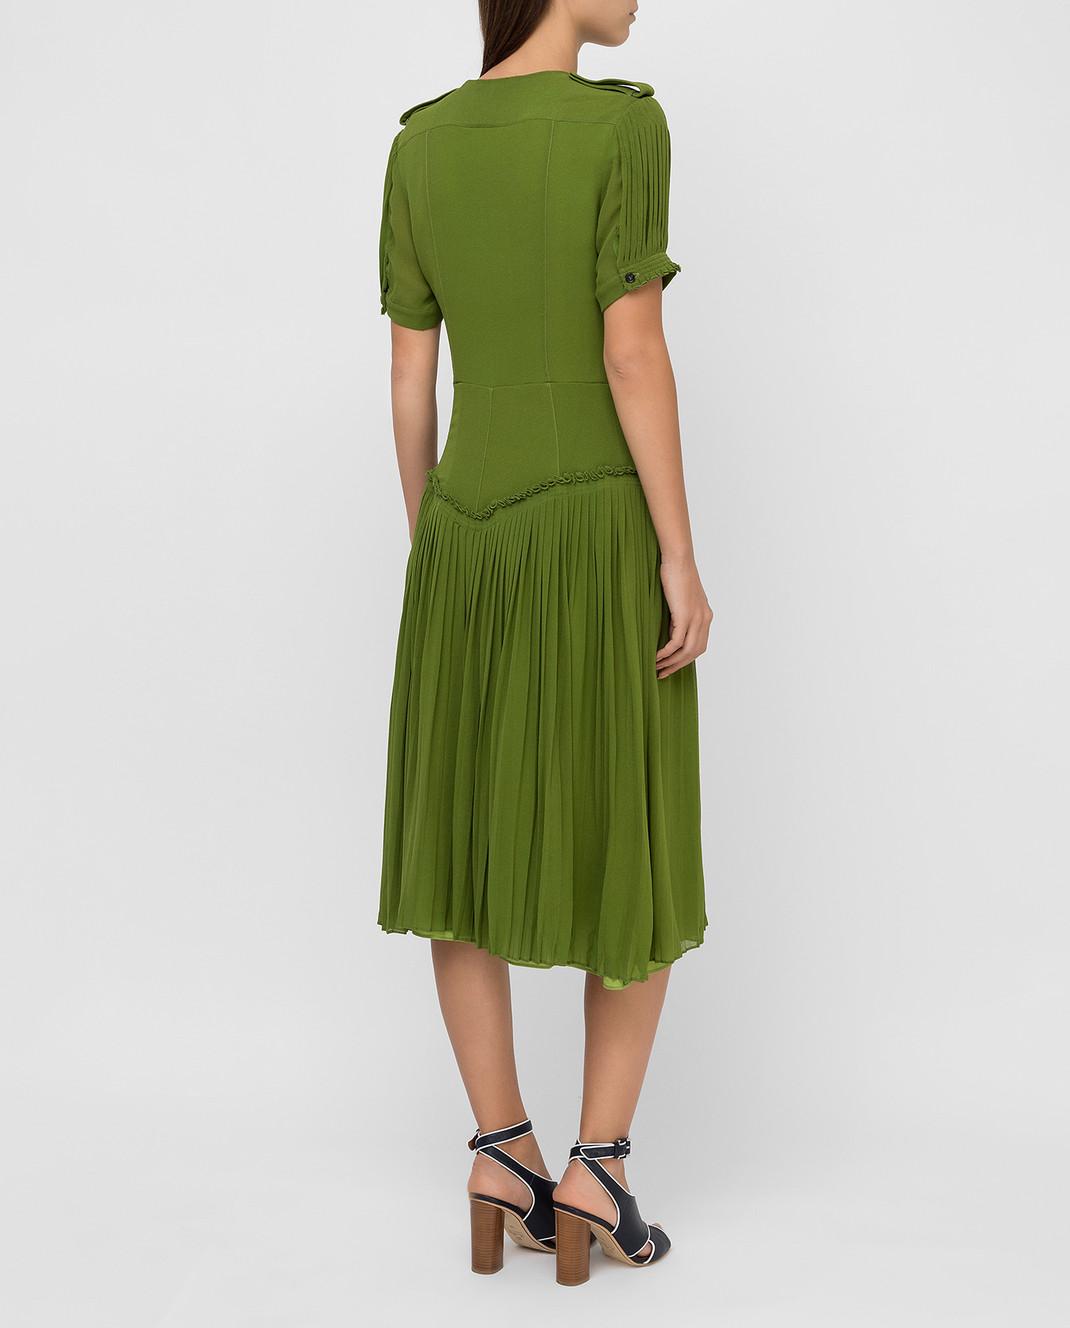 Burberry Зеленое платье из шелка изображение 4